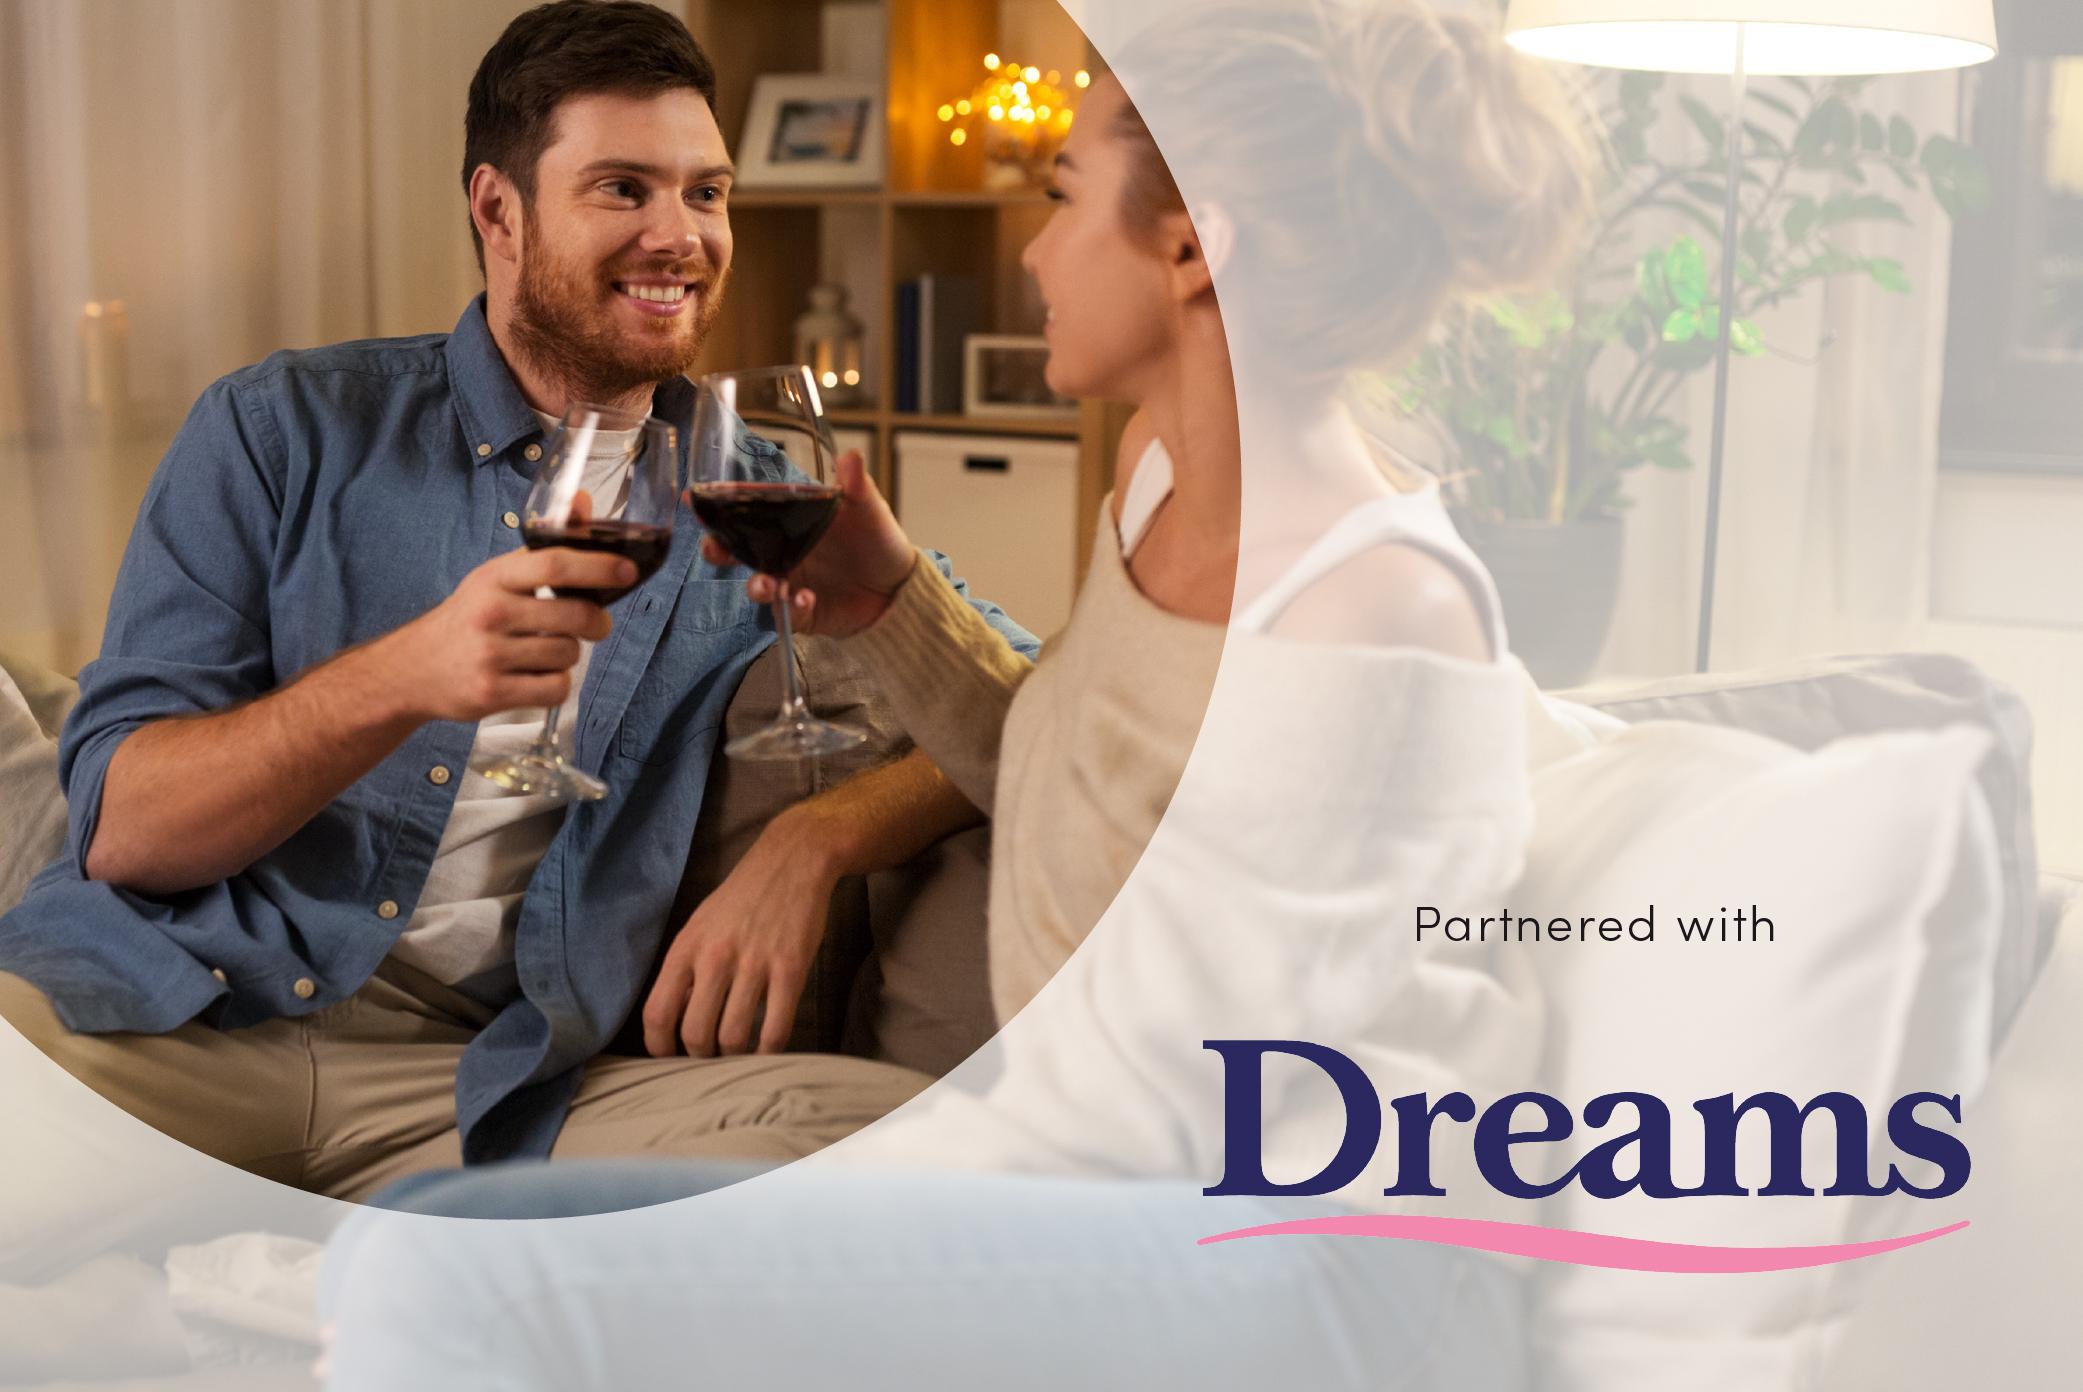 1 dreams -100